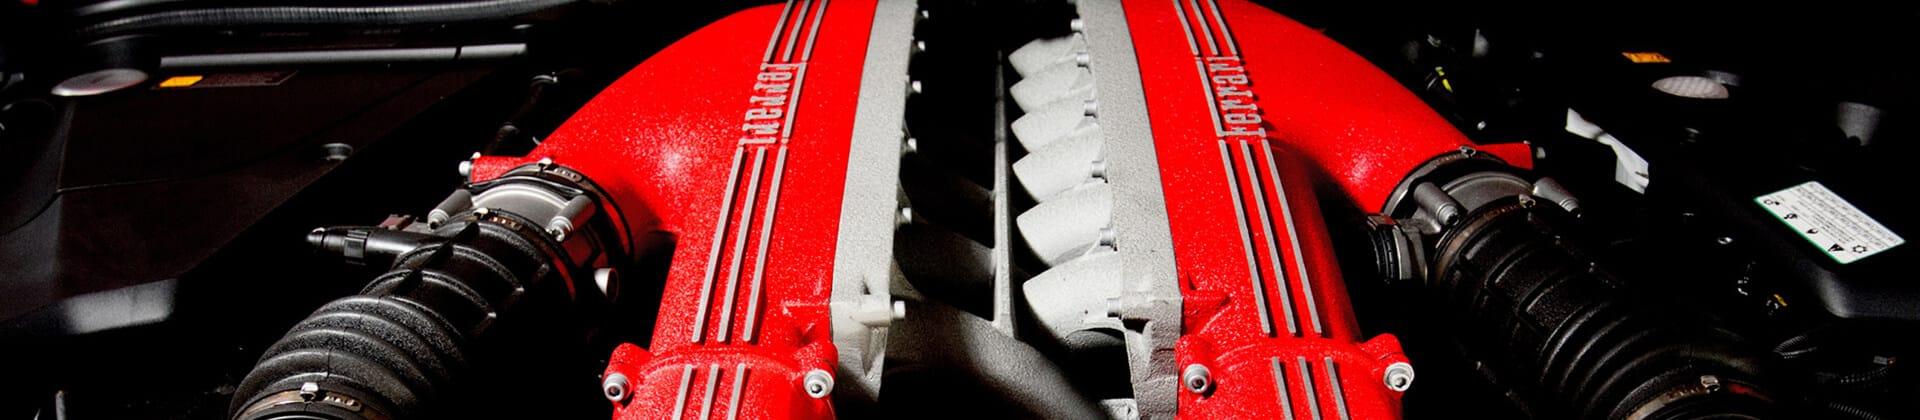 alufelgen Ferrari f12